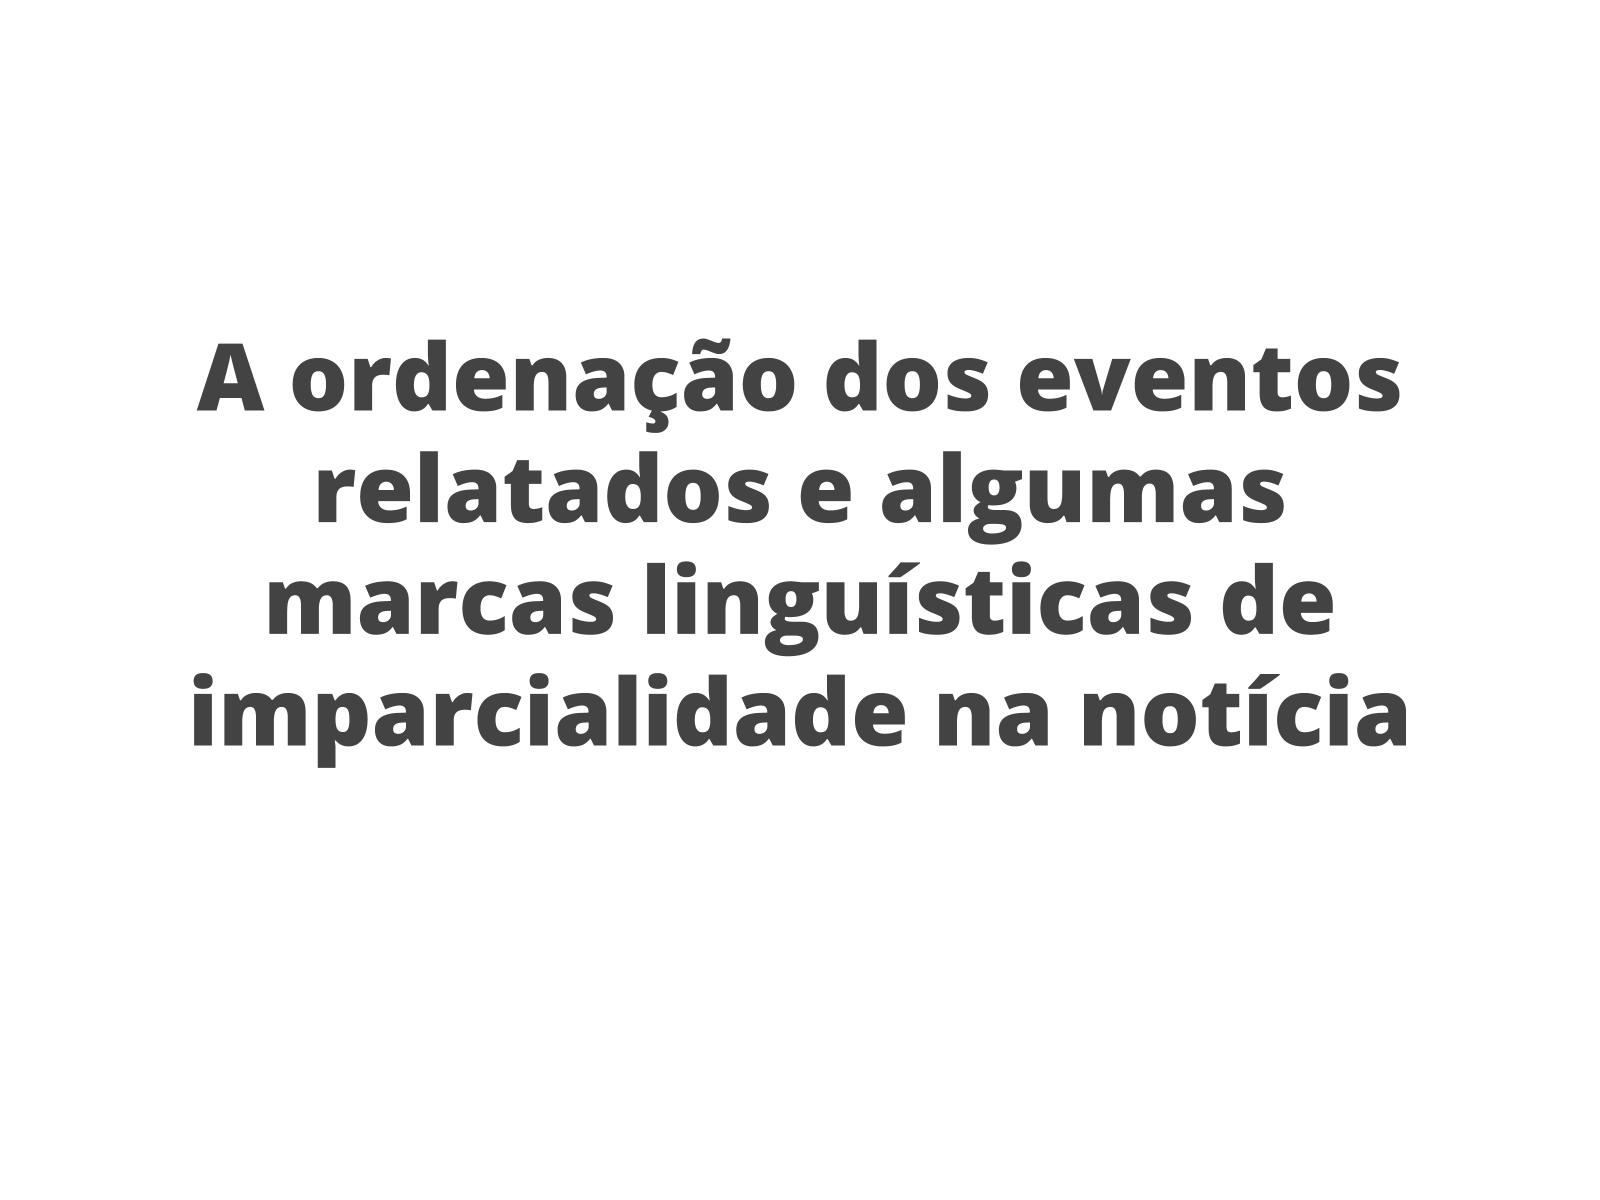 A ordenação dos eventos relatados e algumas marcas linguísticas de imparcialidade na notícia